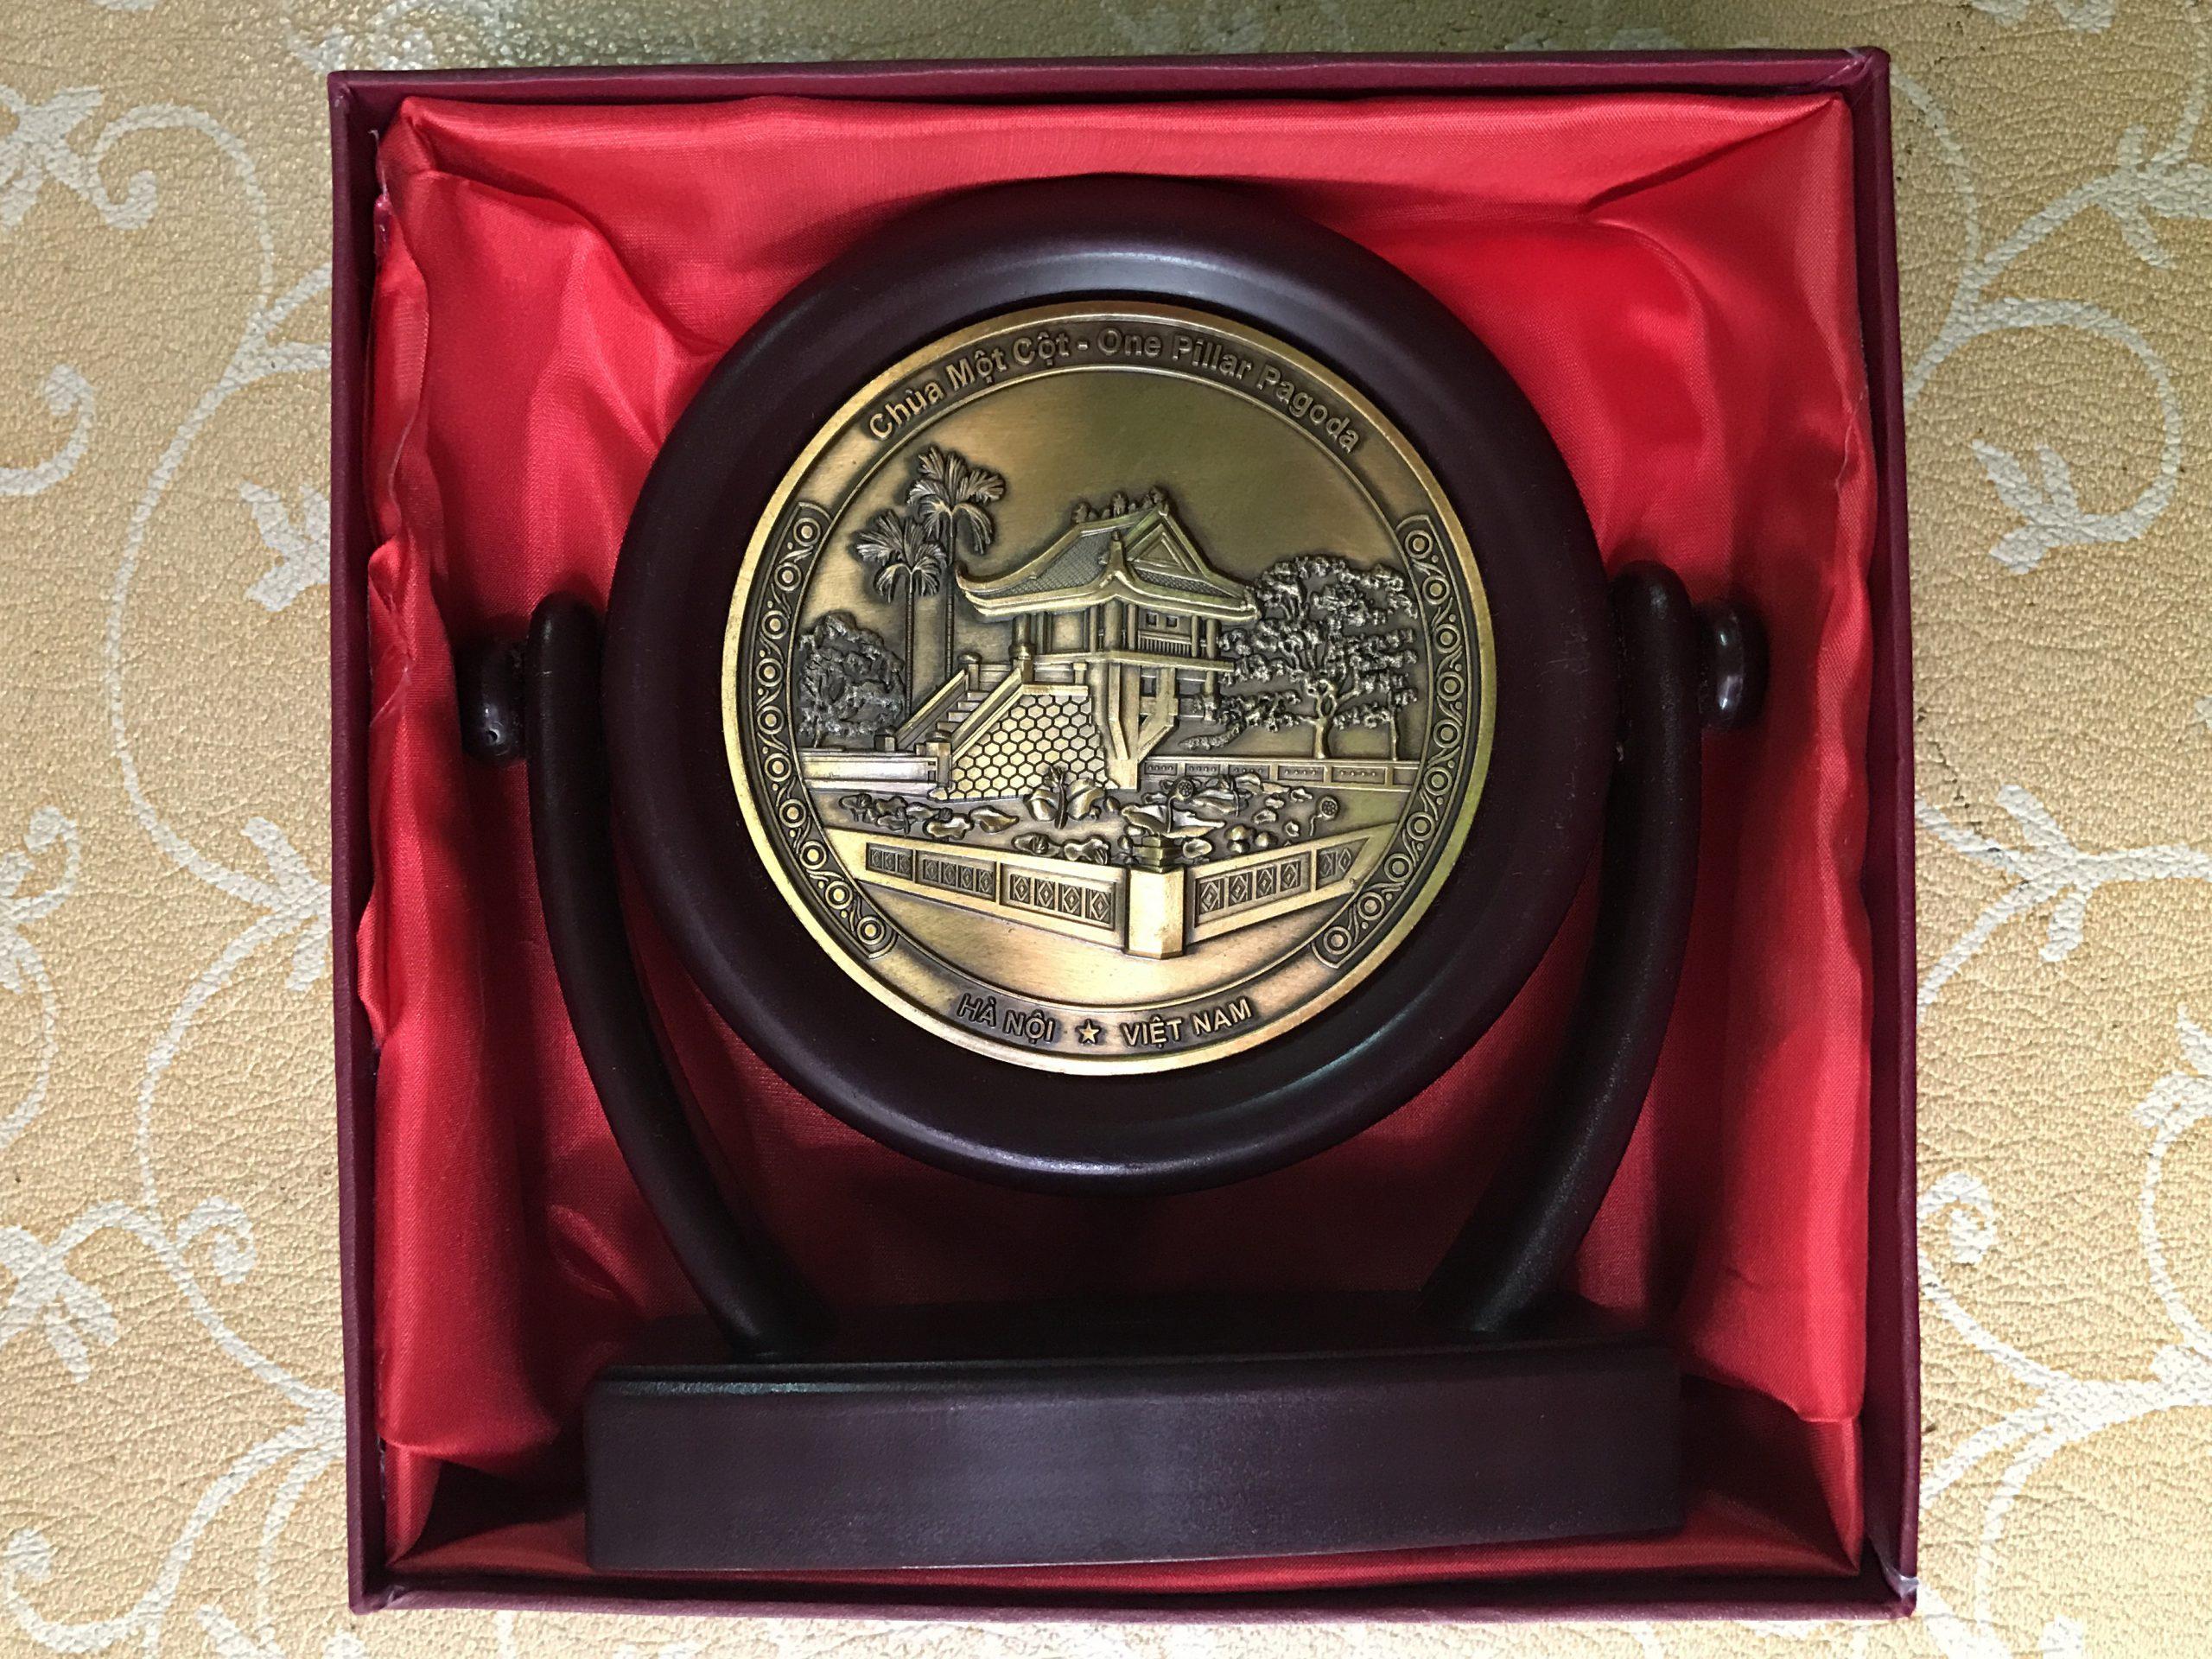 Biểu trưng đĩa xoay quà tặng mặt chùa một cột 16cm0